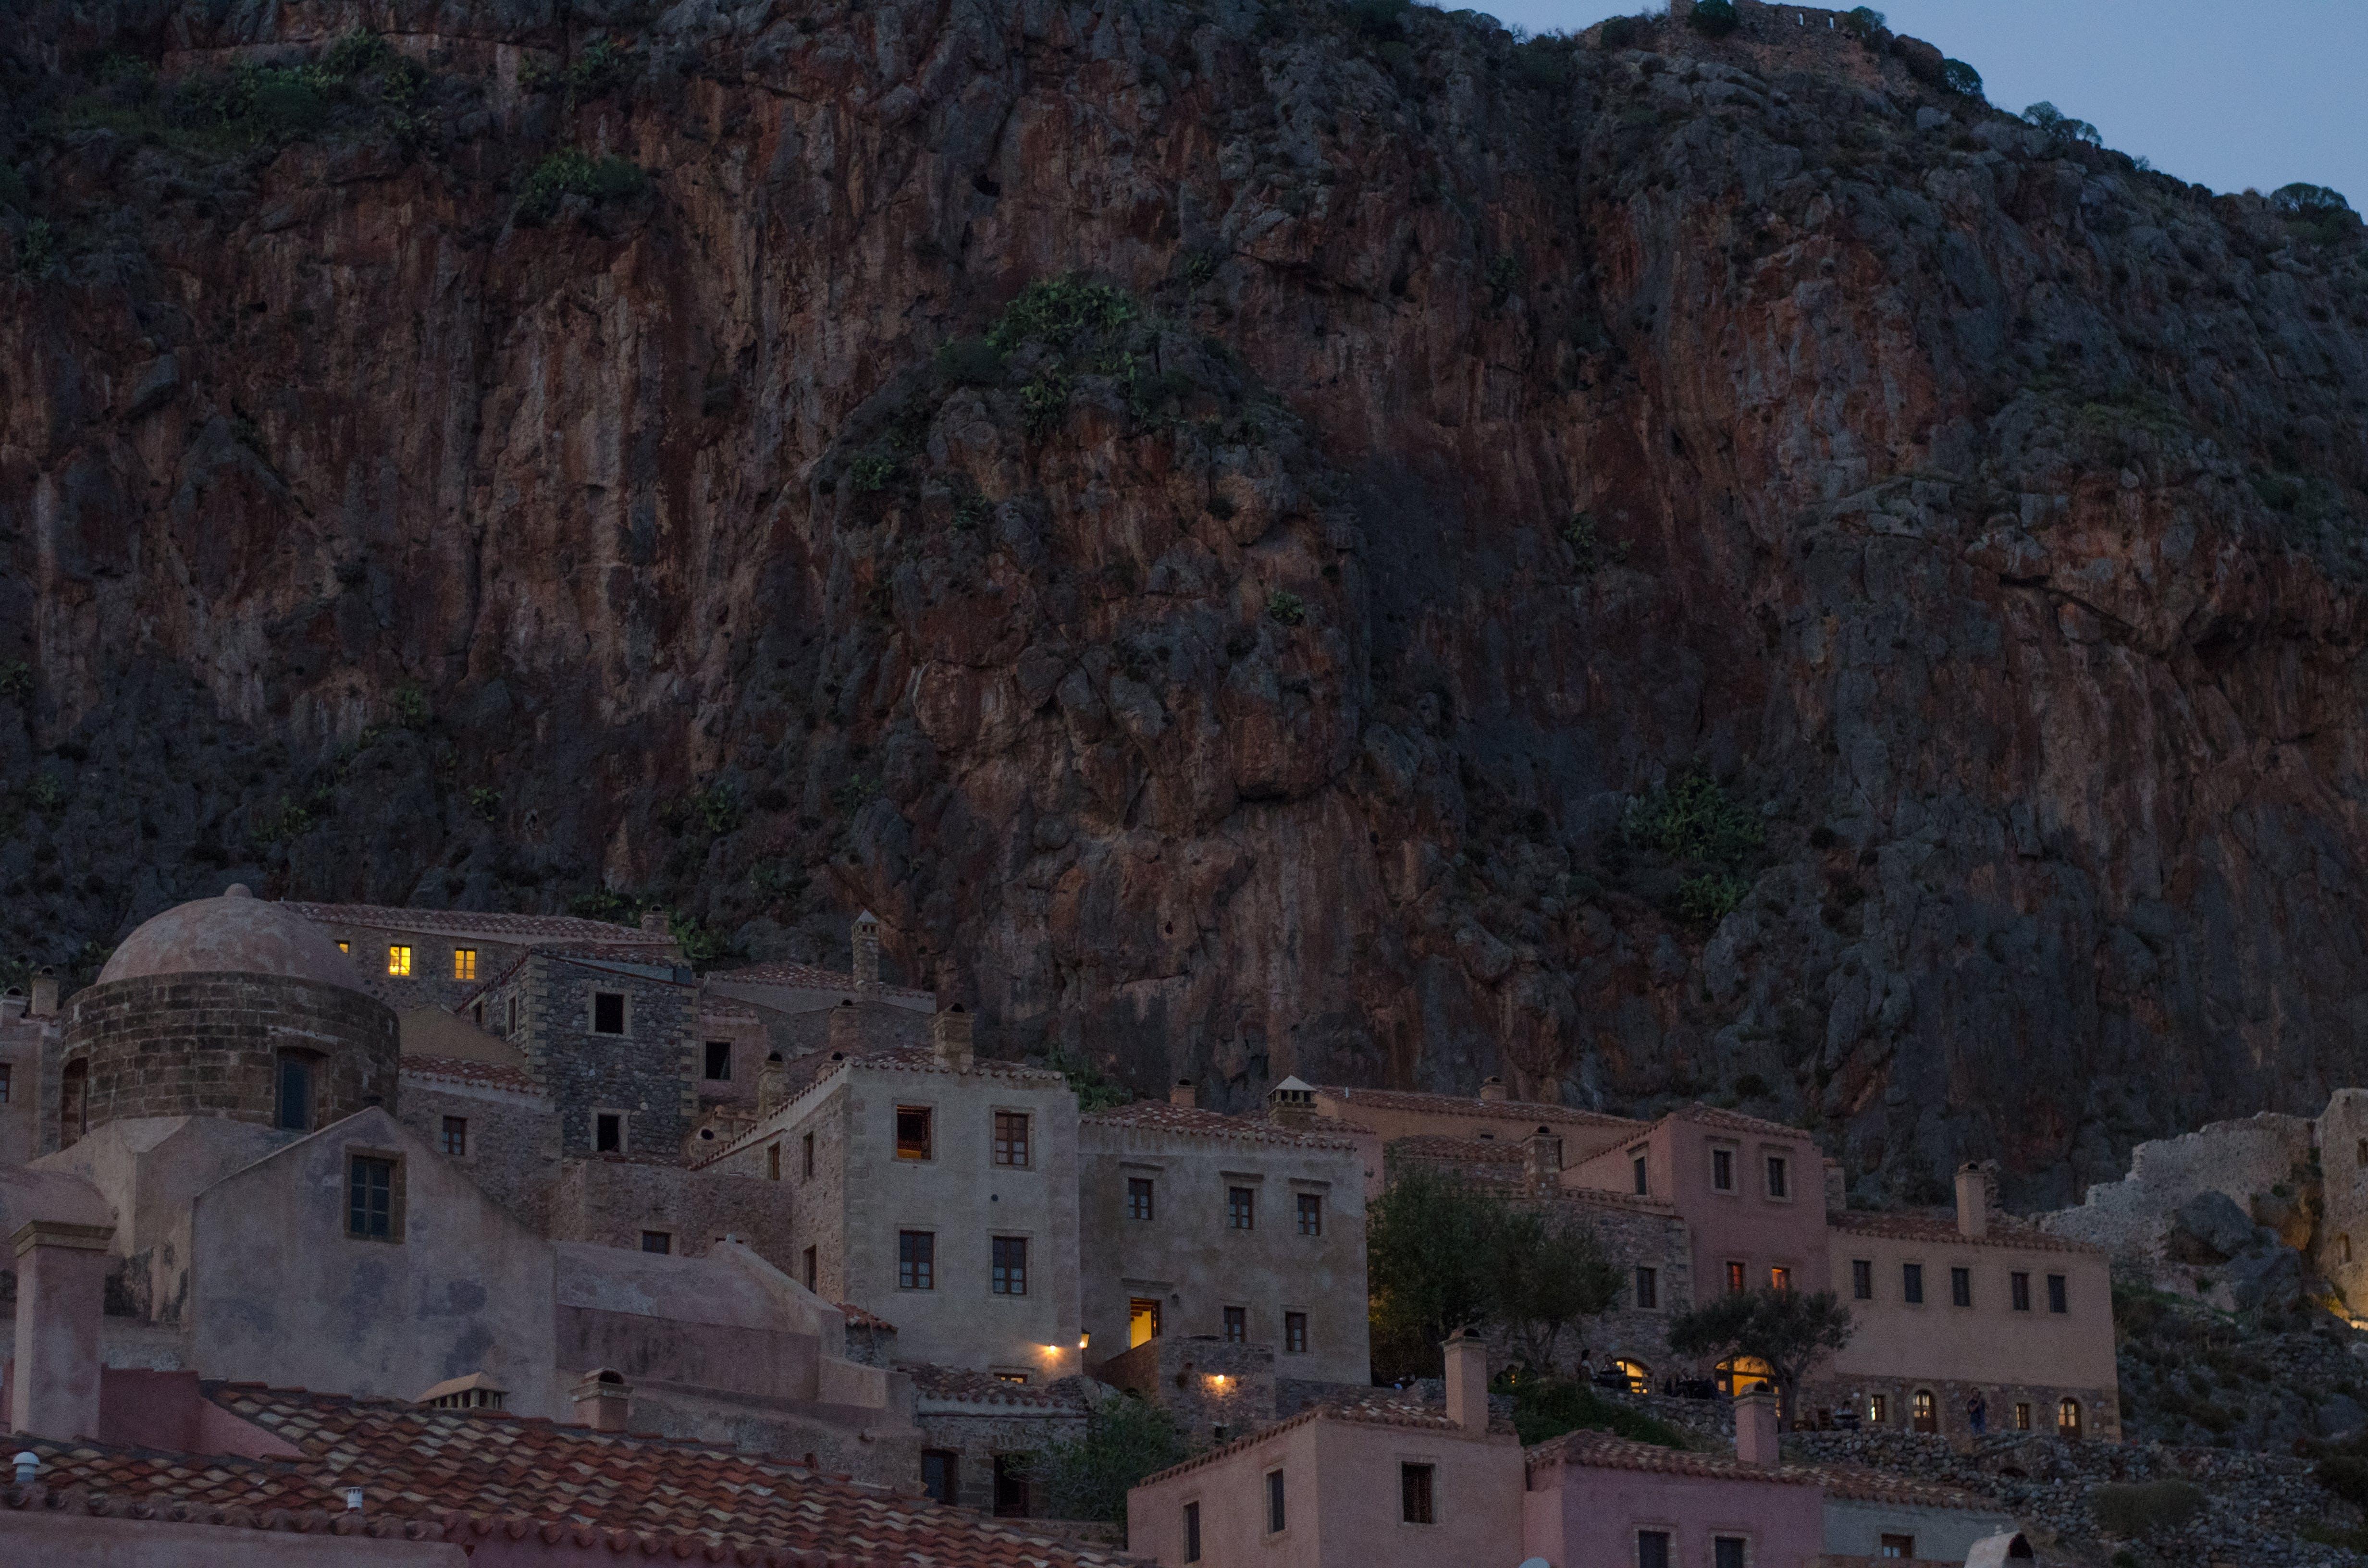 Free stock photo of church, mountain, village